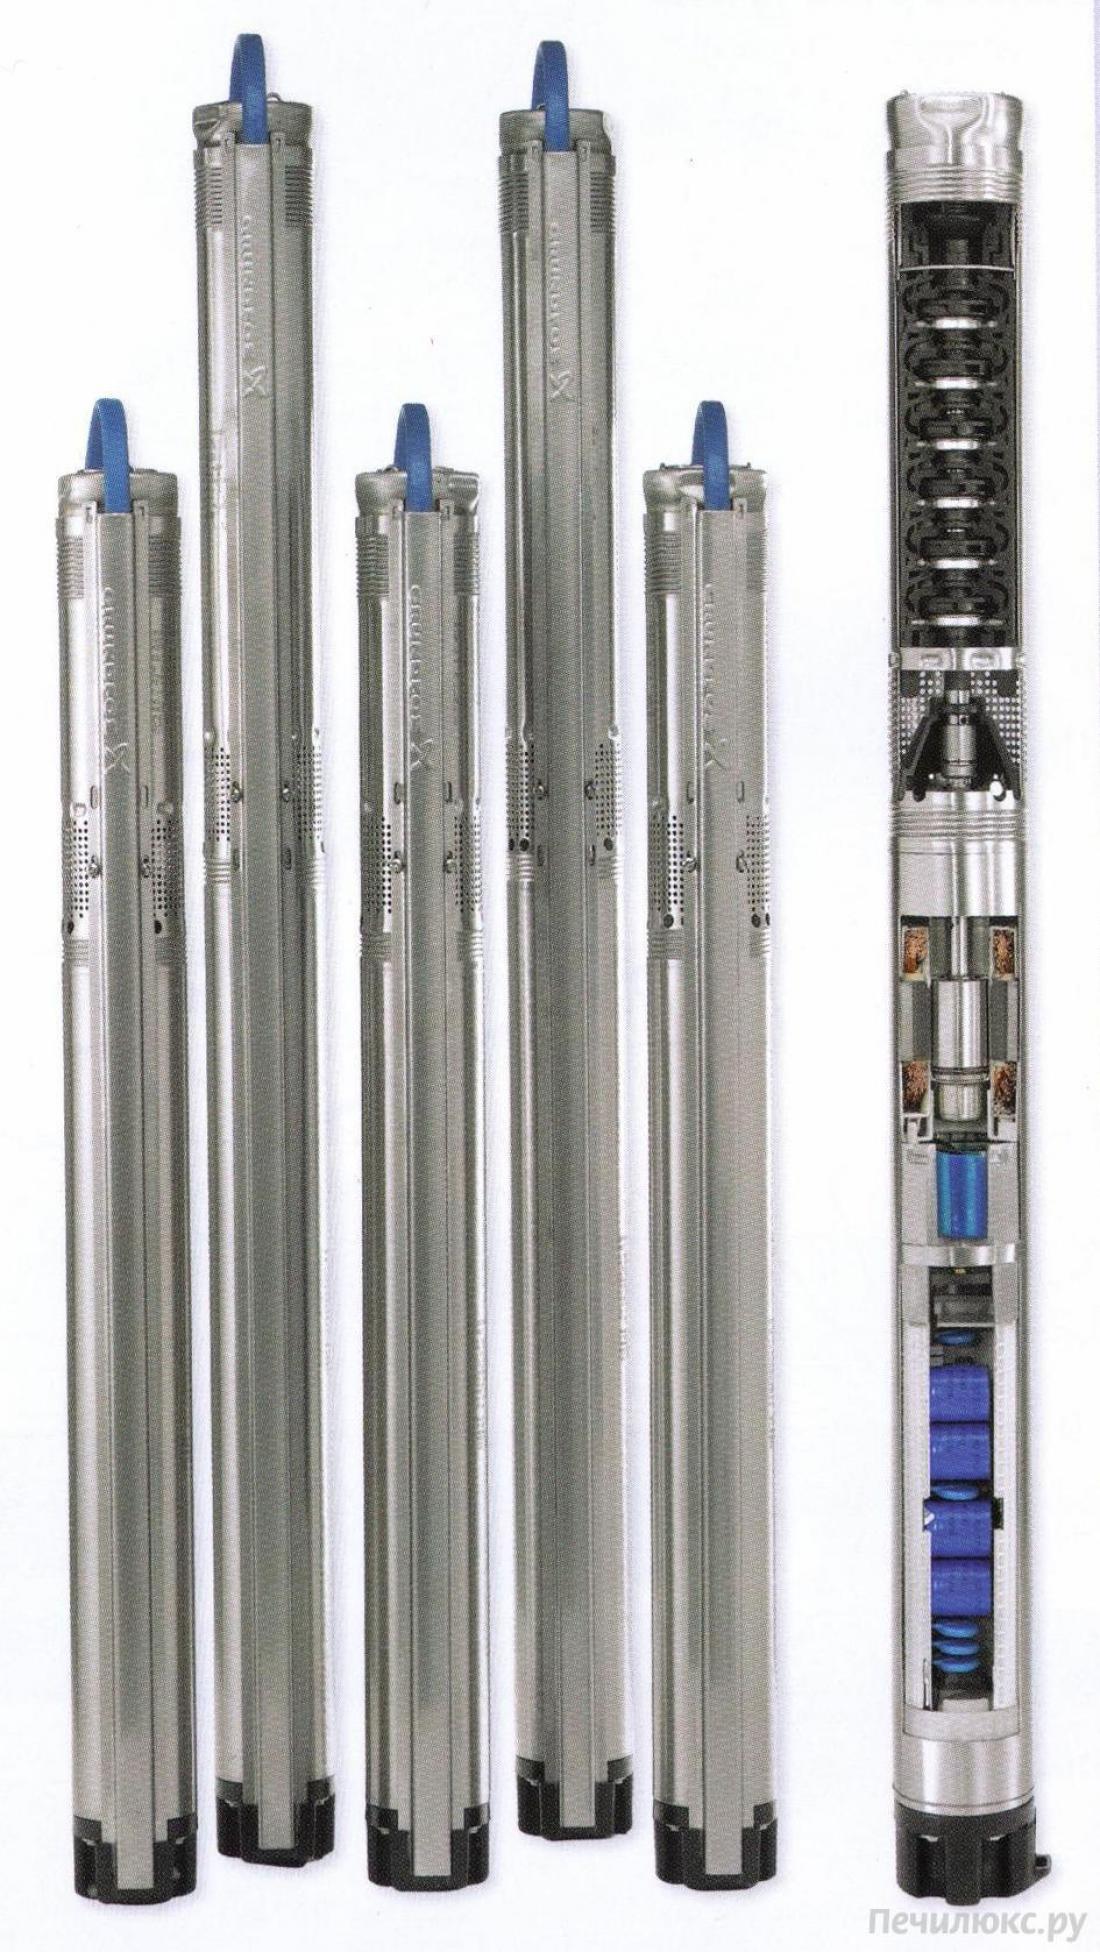 SQ  2- 70     1.15kW 200-240V 50/60Hz